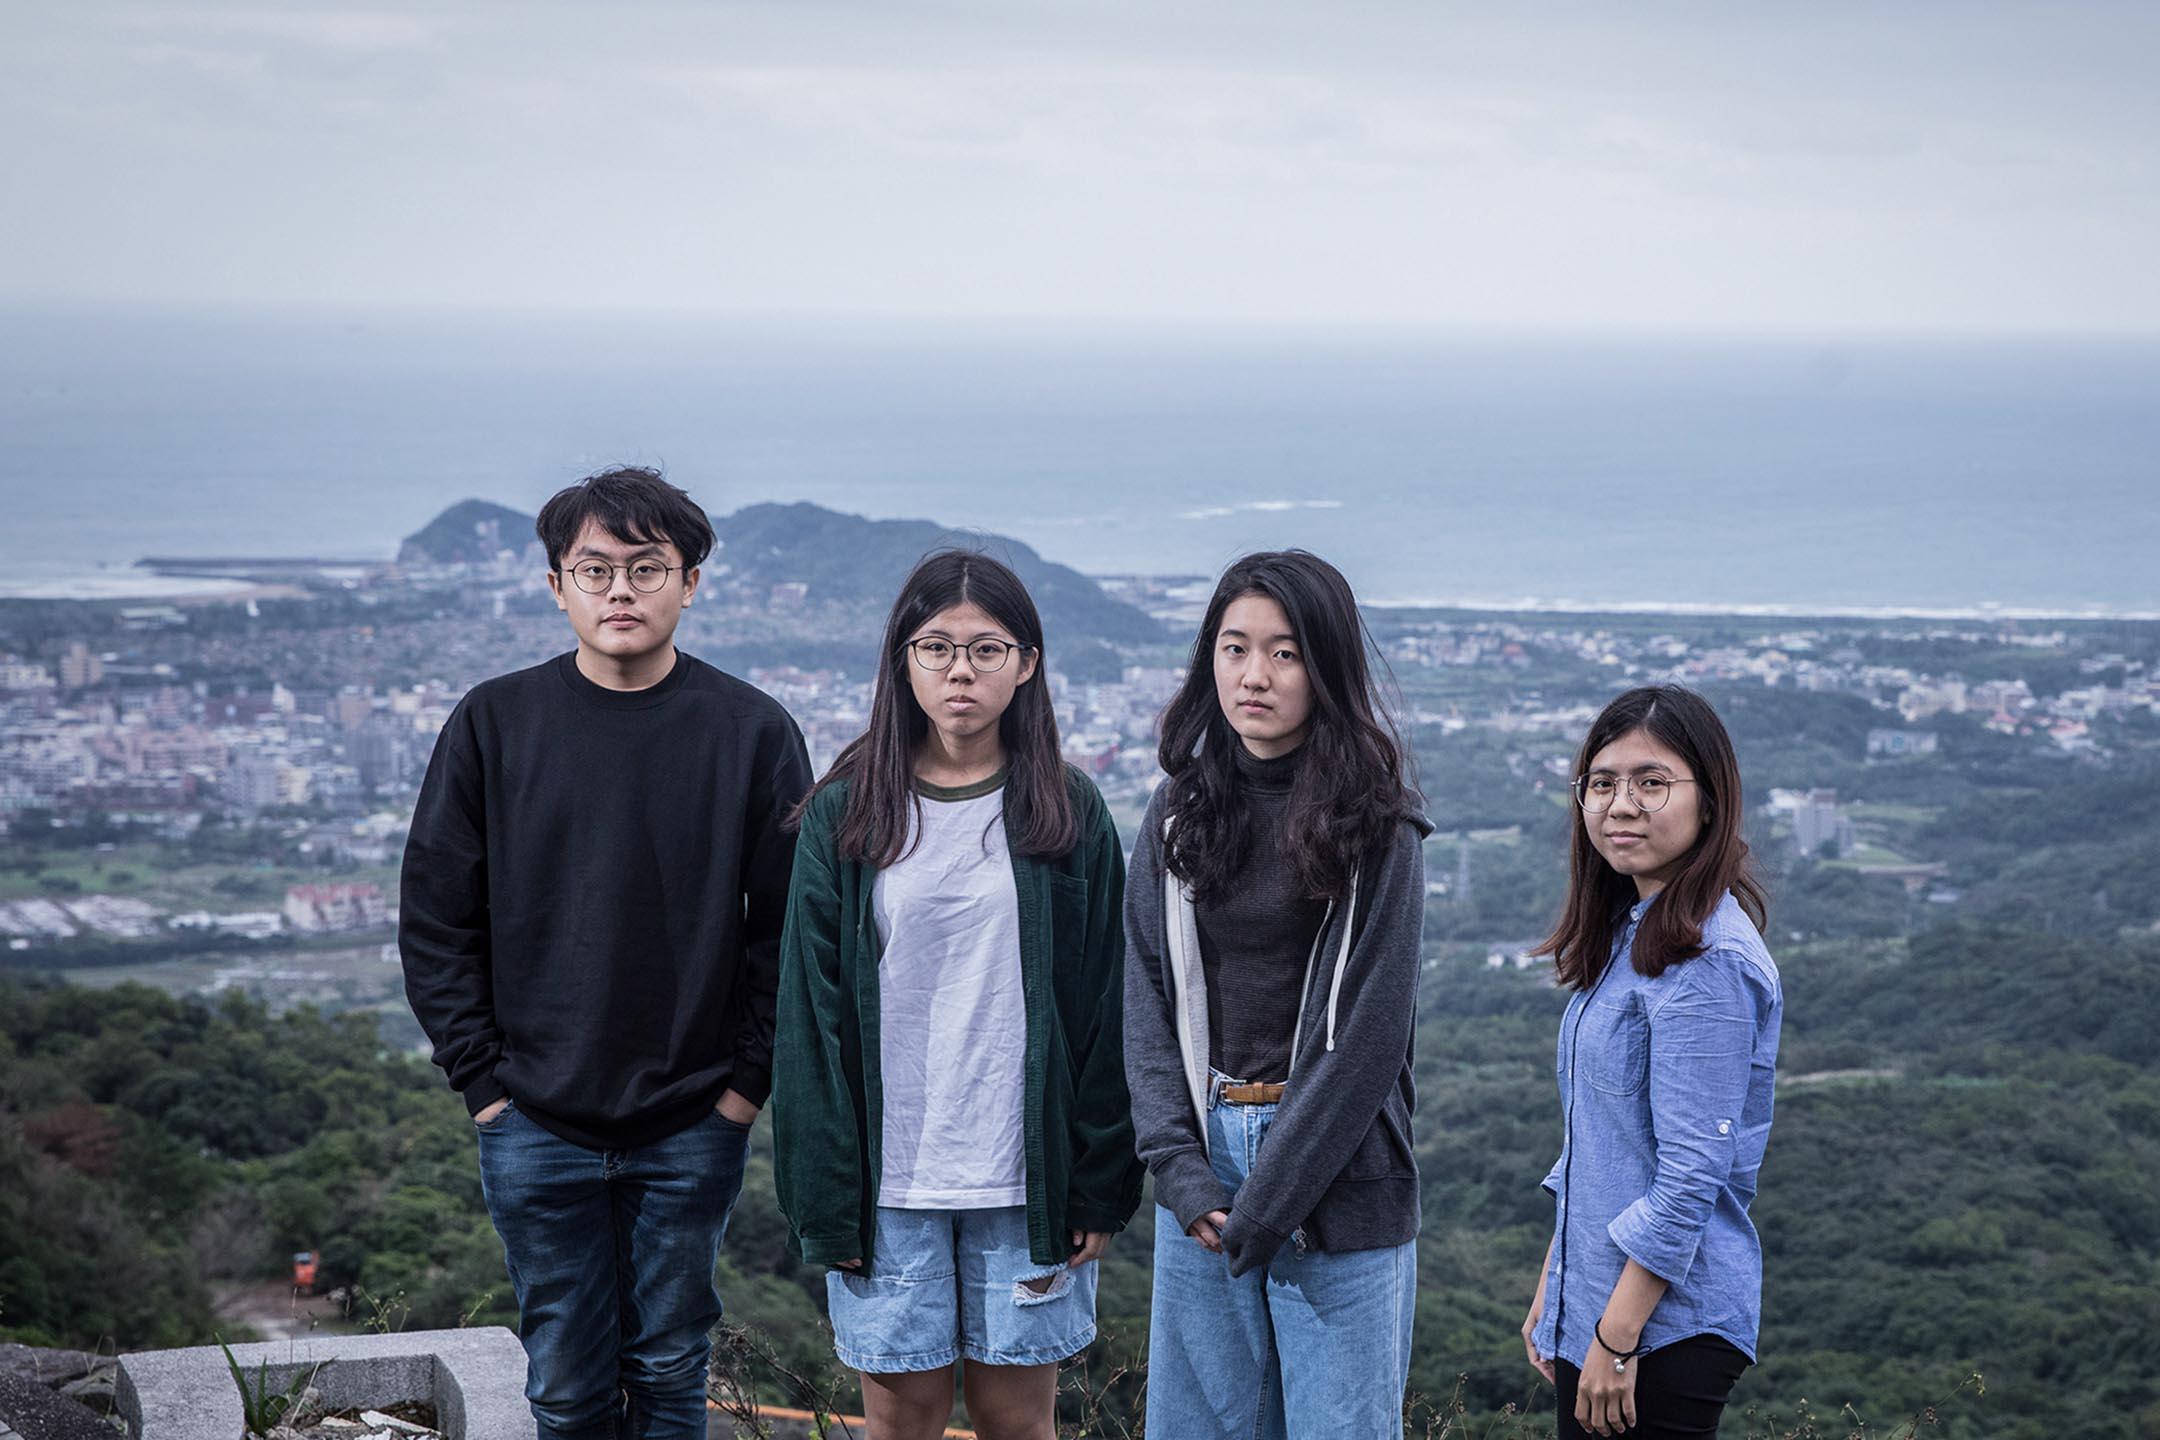 「它核他們的故事」成員廖原圻、李若慈、蔡佳妮和許佩雯在金山南勢湖山頂。 攝:陳藍/端傳媒